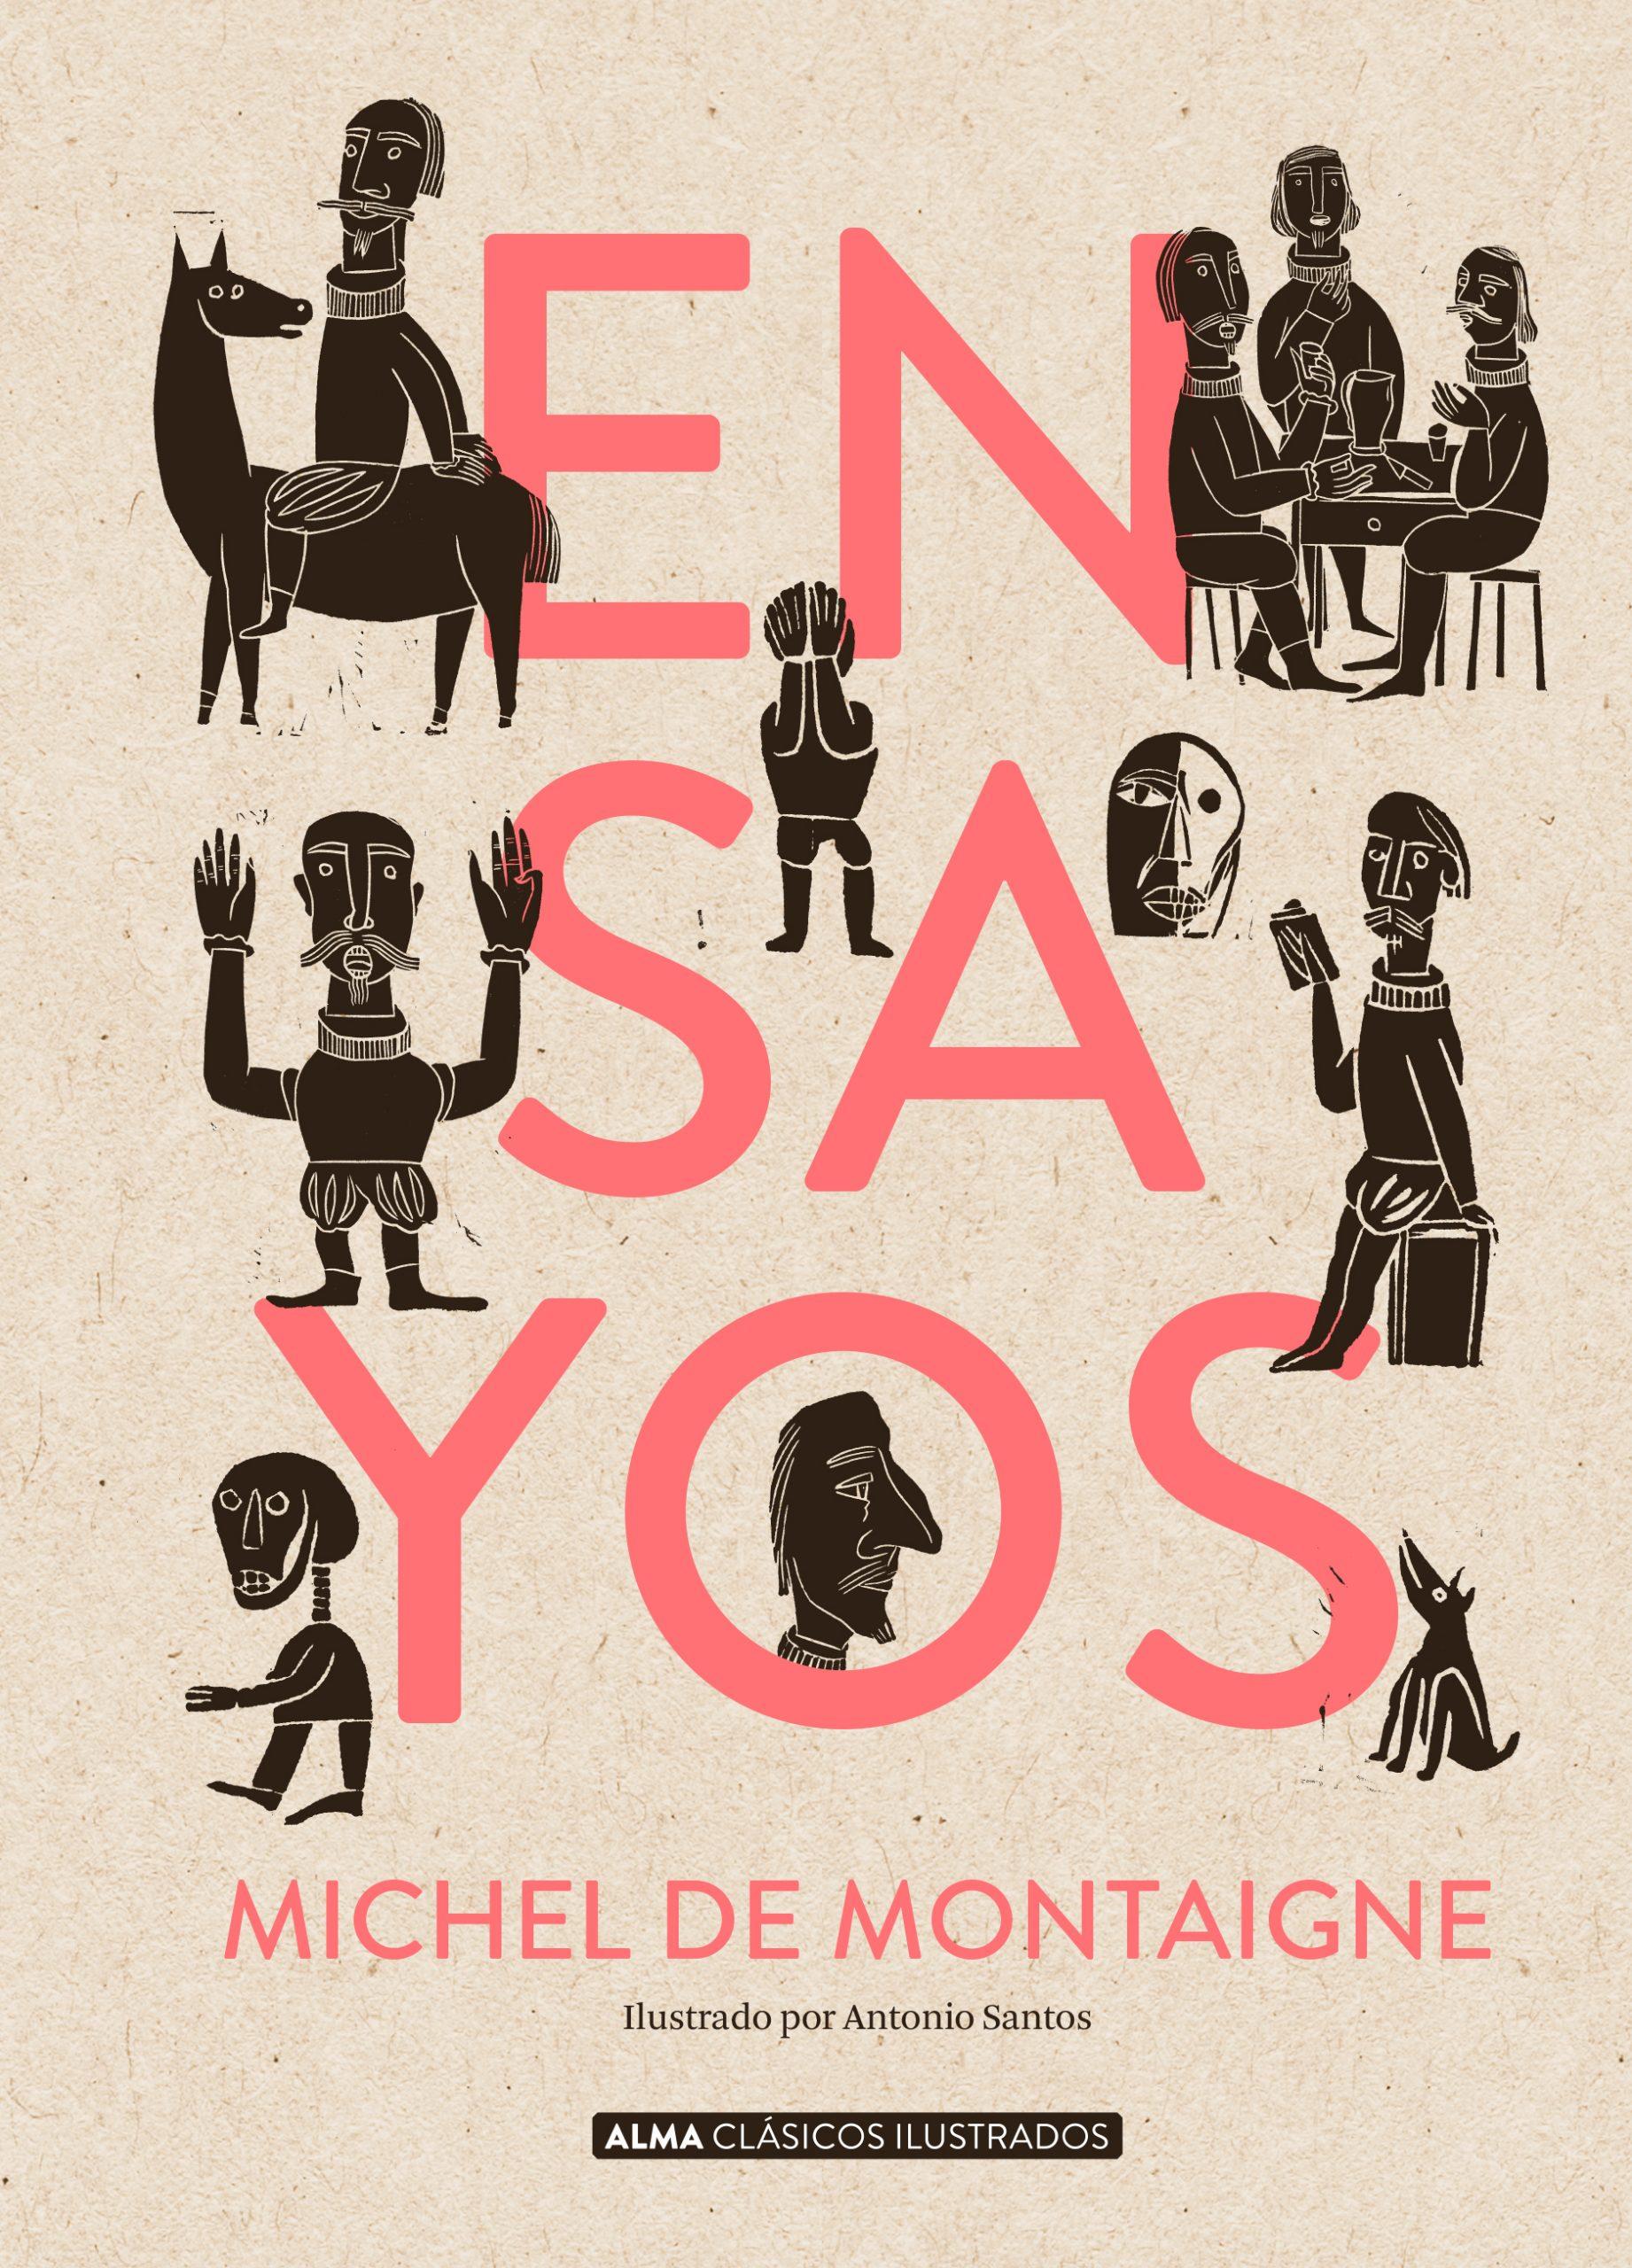 Antonio Santos Los Ensayos de Montaigne